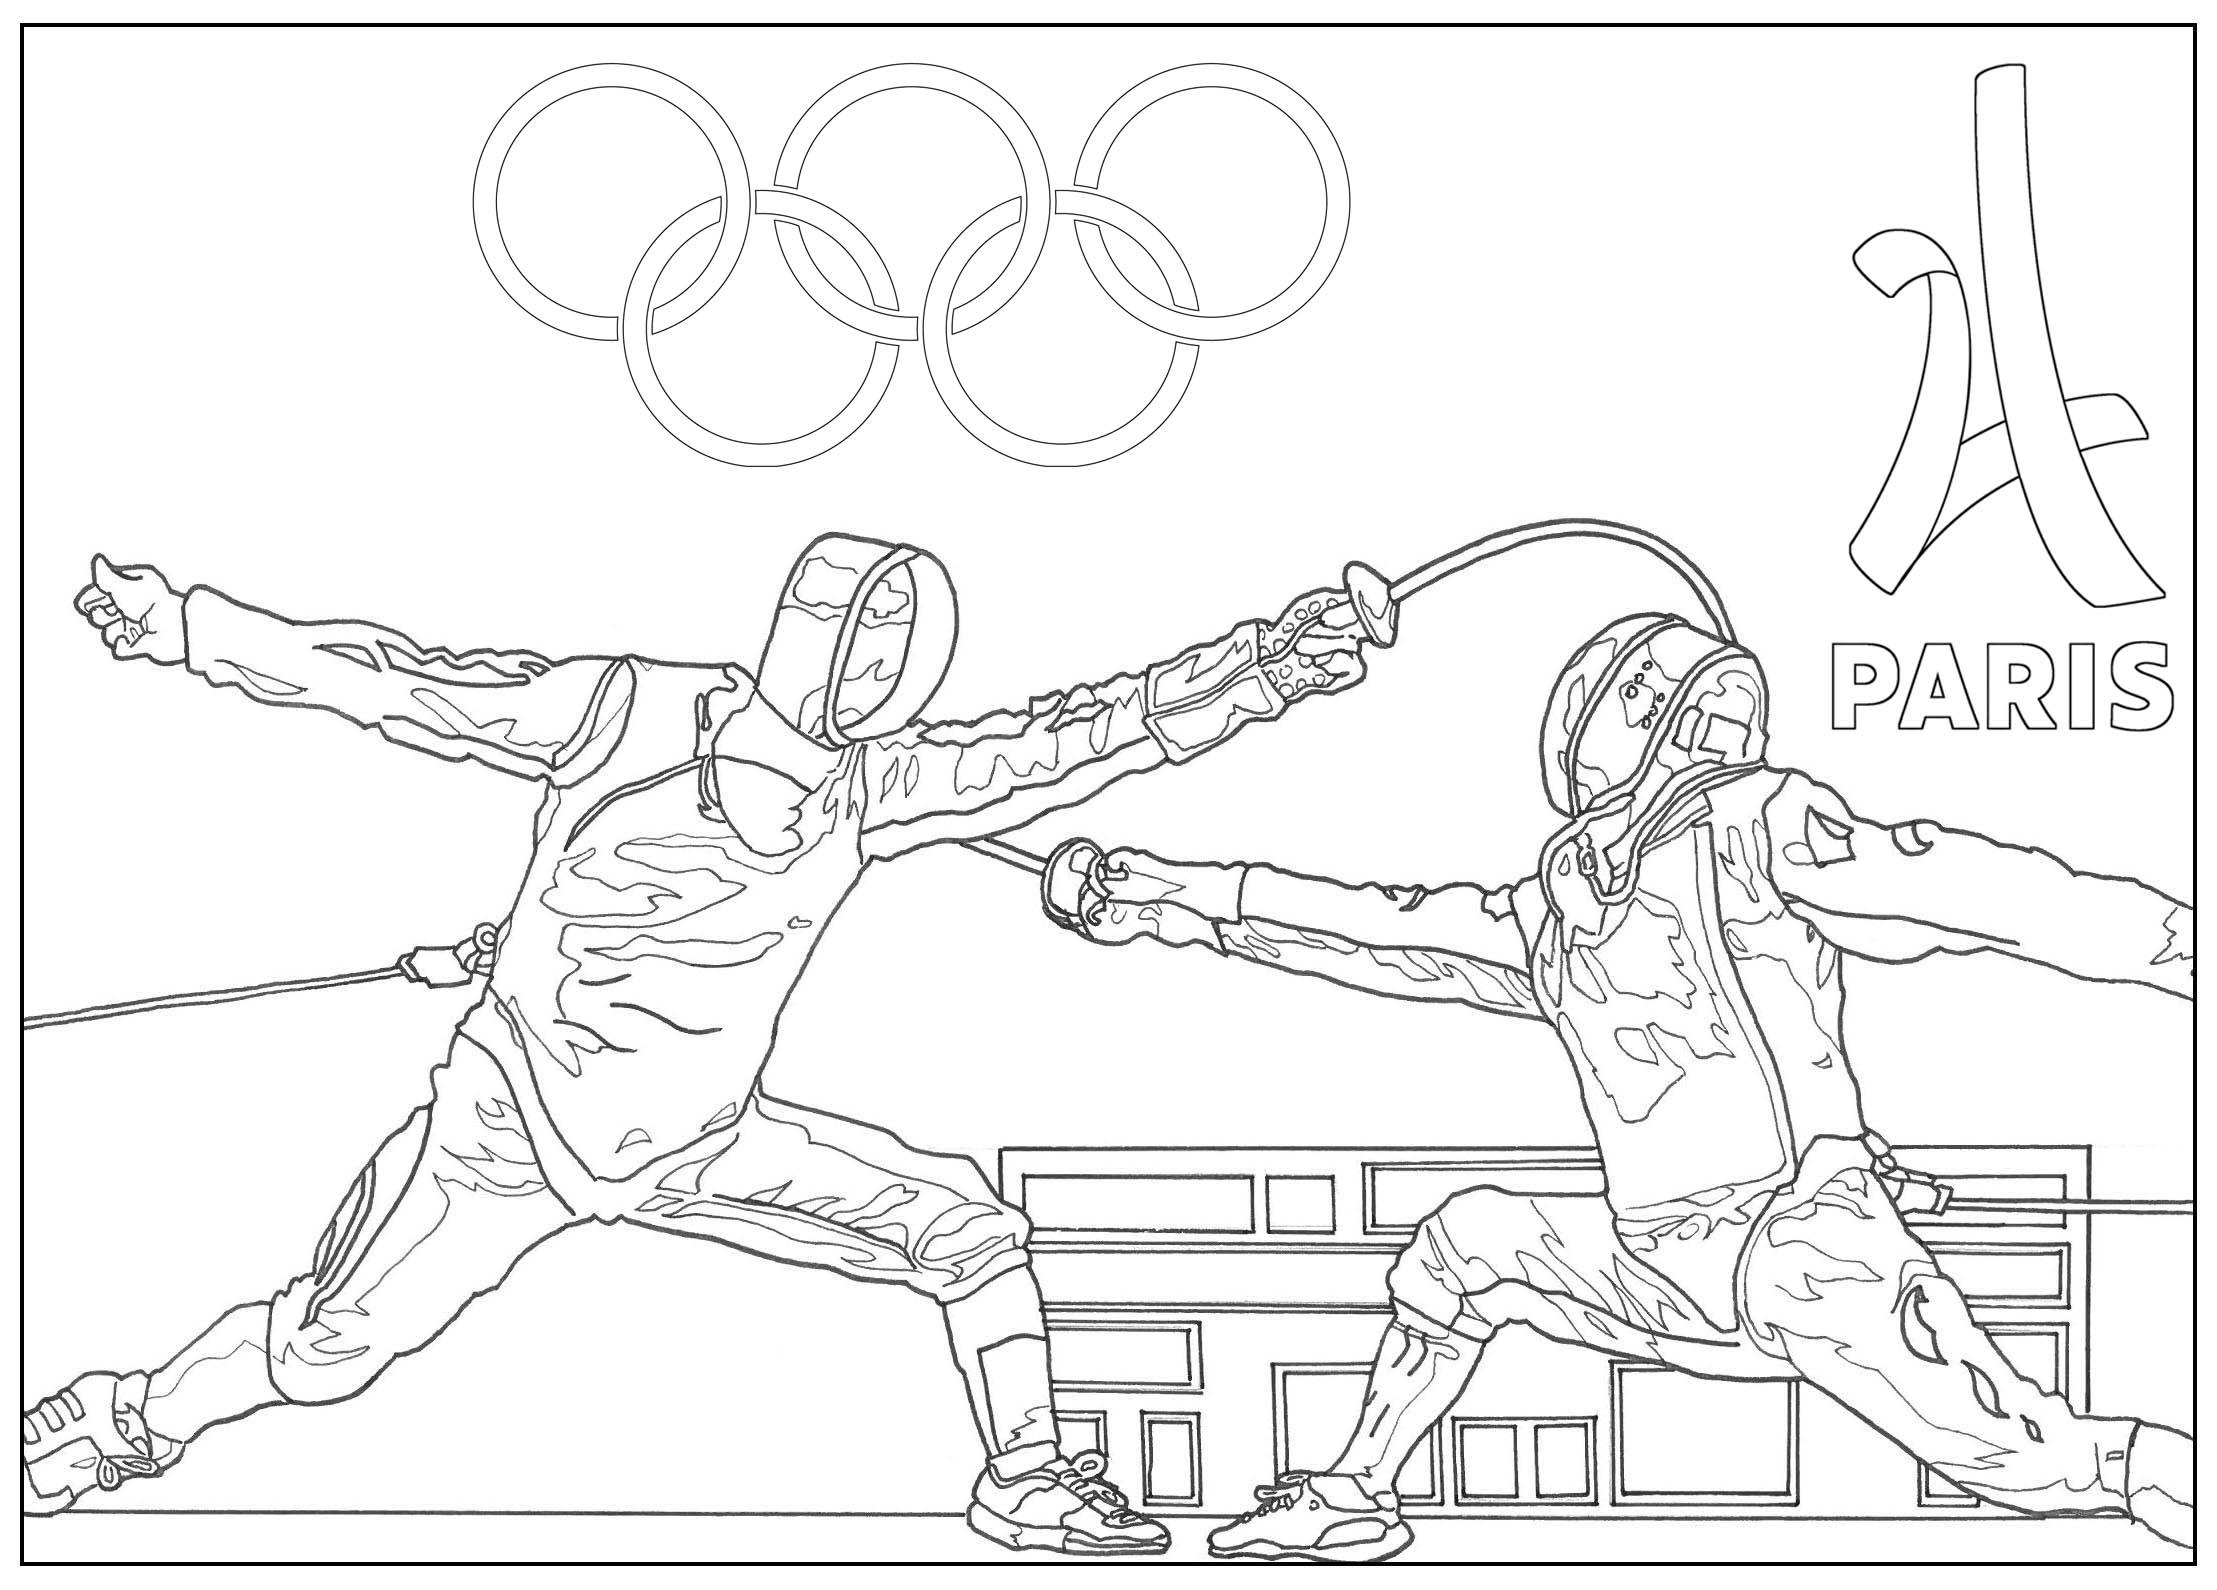 Disegni da colorare per adulti : Sport / Olimpiadi - 11